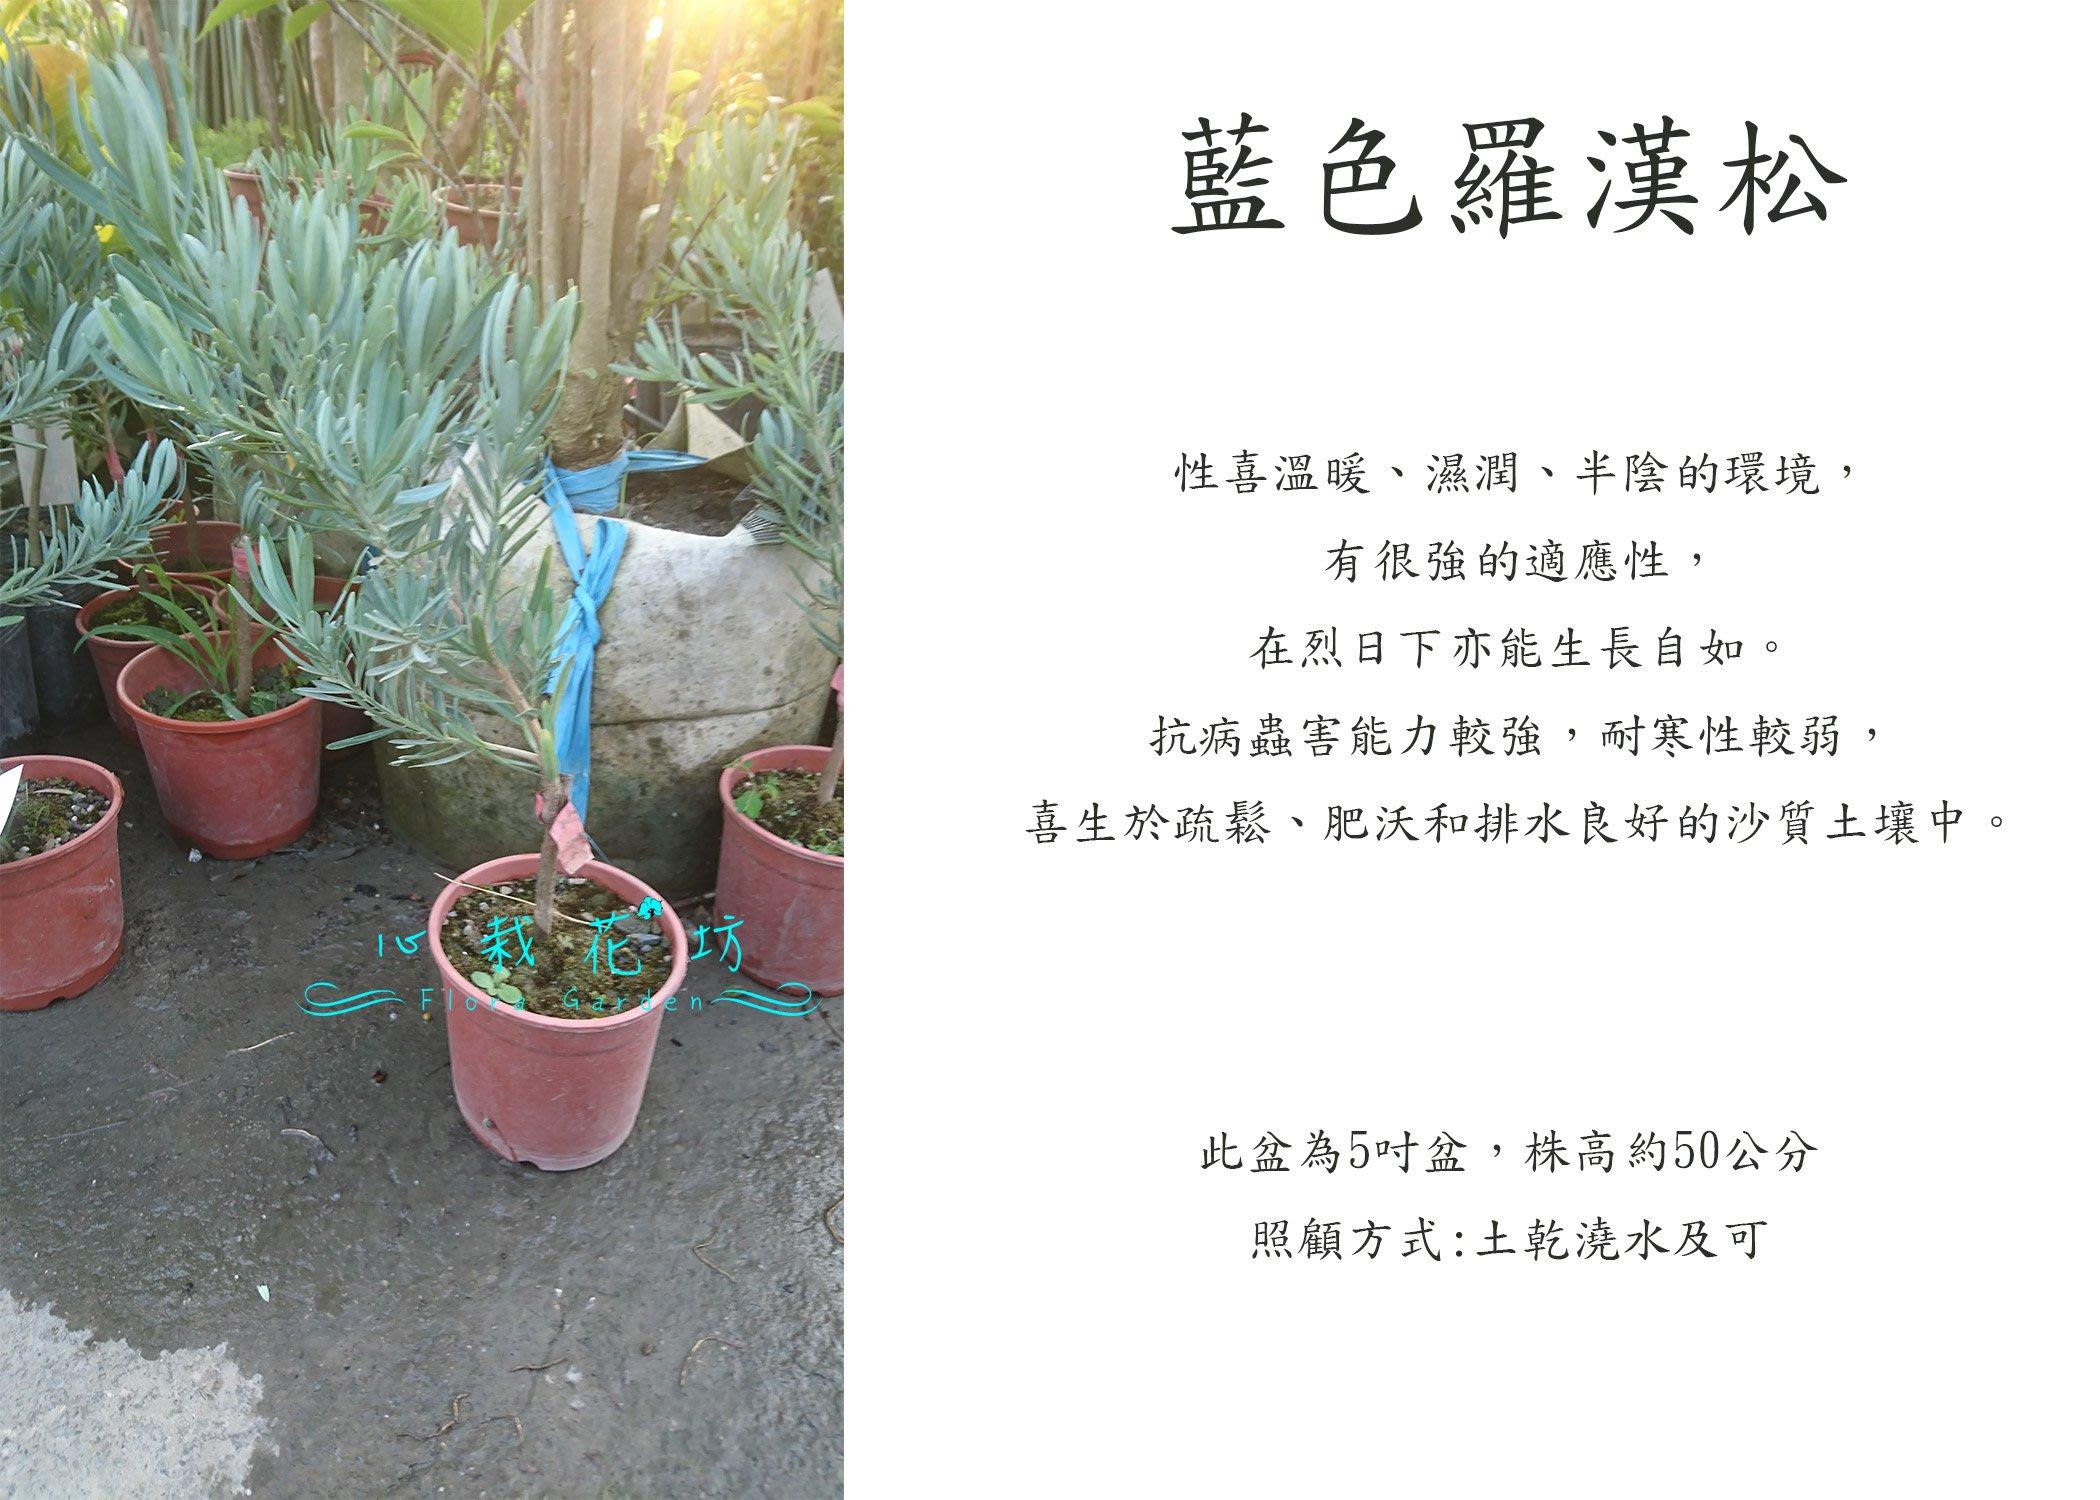 心栽花坊-藍色羅漢松/藍羅漢松/藍芽羅漢松/6吋/嫁接苗/松杉柏檜/綠化植物/綠化環境/售價460特價